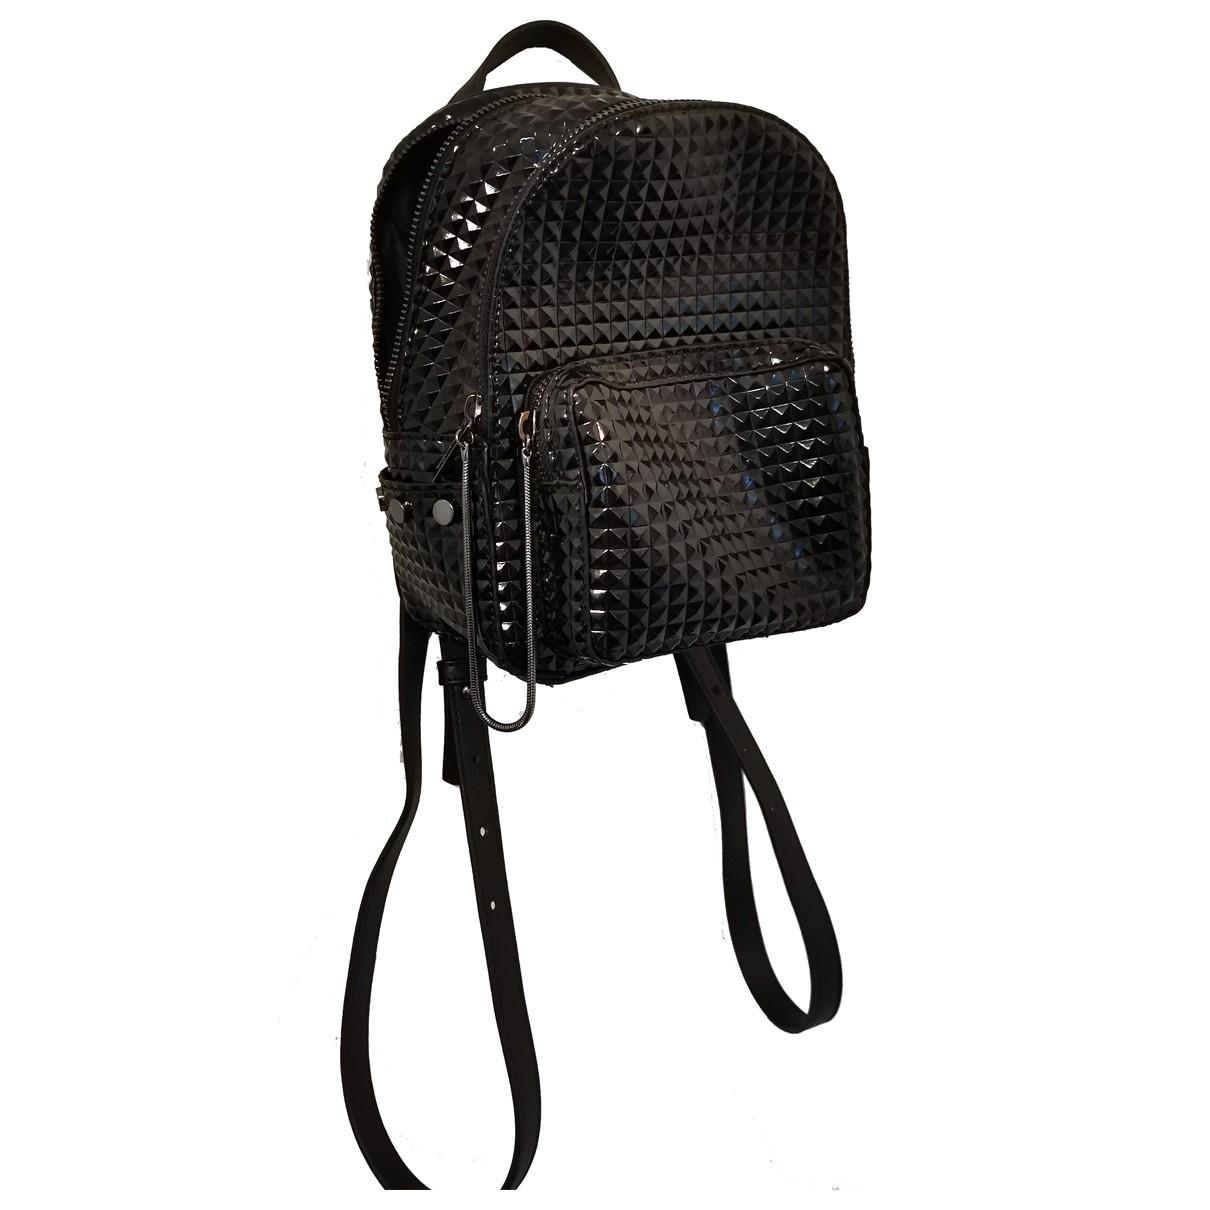 Juicy Couture - Sac a dos   pour femme en cuir verni - noir